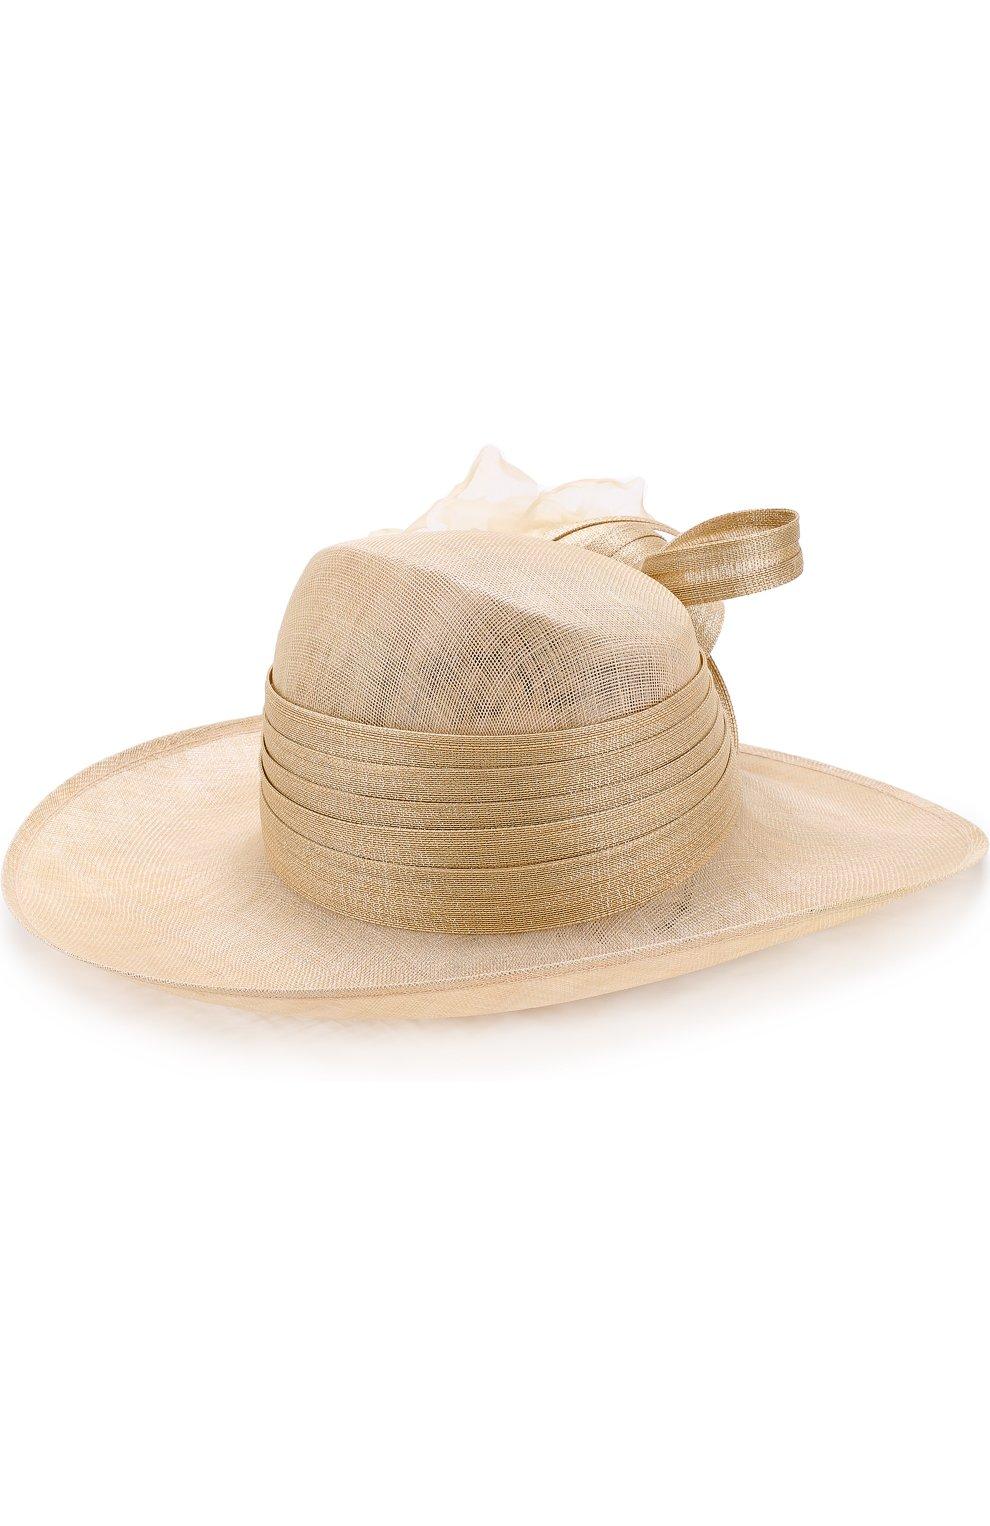 Женская соломенная шляпа с декором в виде цветка PHILIP TREACY бежевого цвета, арт. 0C460 | Фото 2